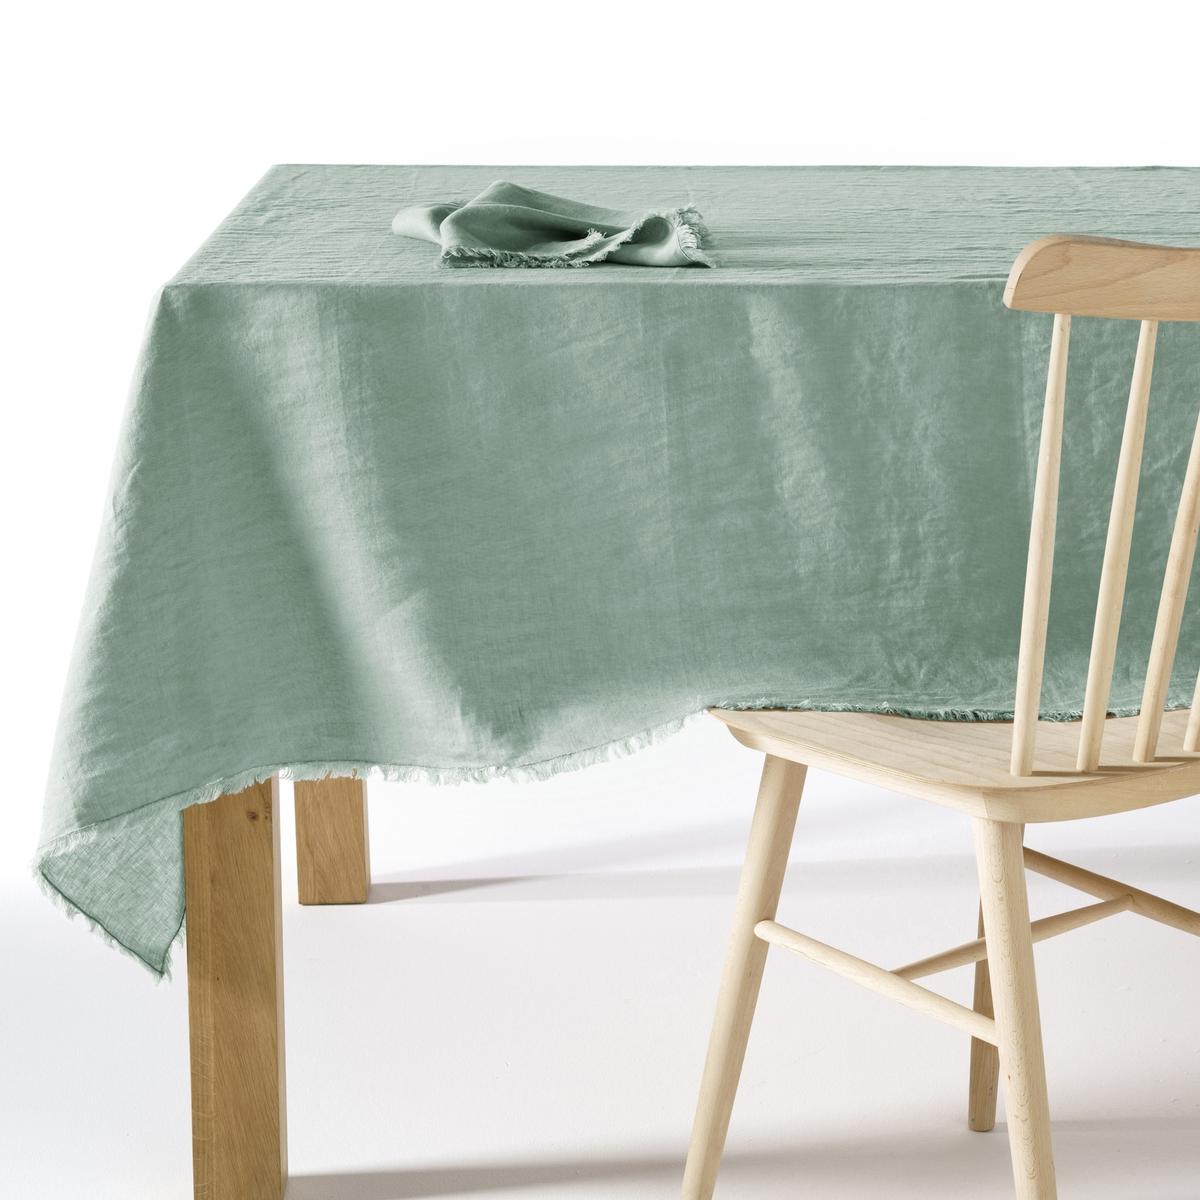 Скатерть из стиранного льна, YastigiСкатерть Yastigi. Скатерть, сочетающая натуральную мягкость стиранного льна и изысканность отделки бахромой Столовые салфетки Yastigi из комплекта продаются на нашем сайте . Материал : - 100% стираный лен<br><br>Цвет: белый,бледно-розовый,зеленый шалфей,серо-бежевый,серый